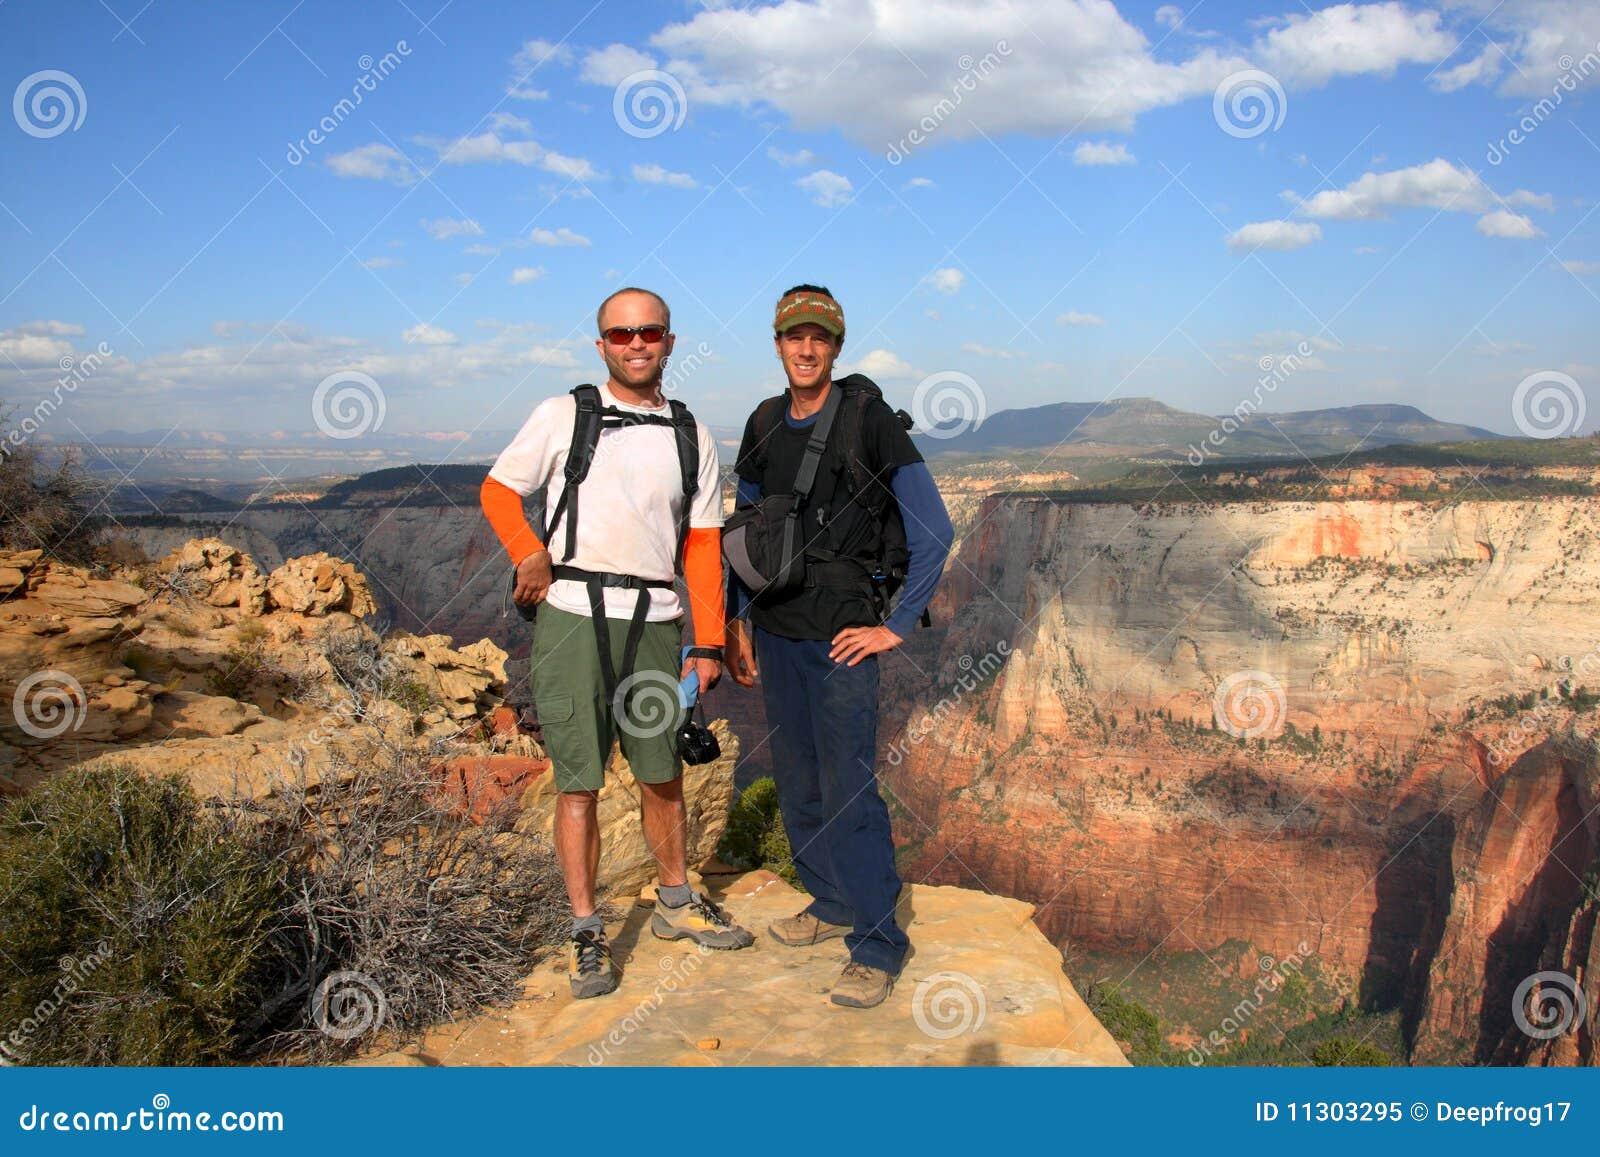 Wanderer Zion im Nationalpark